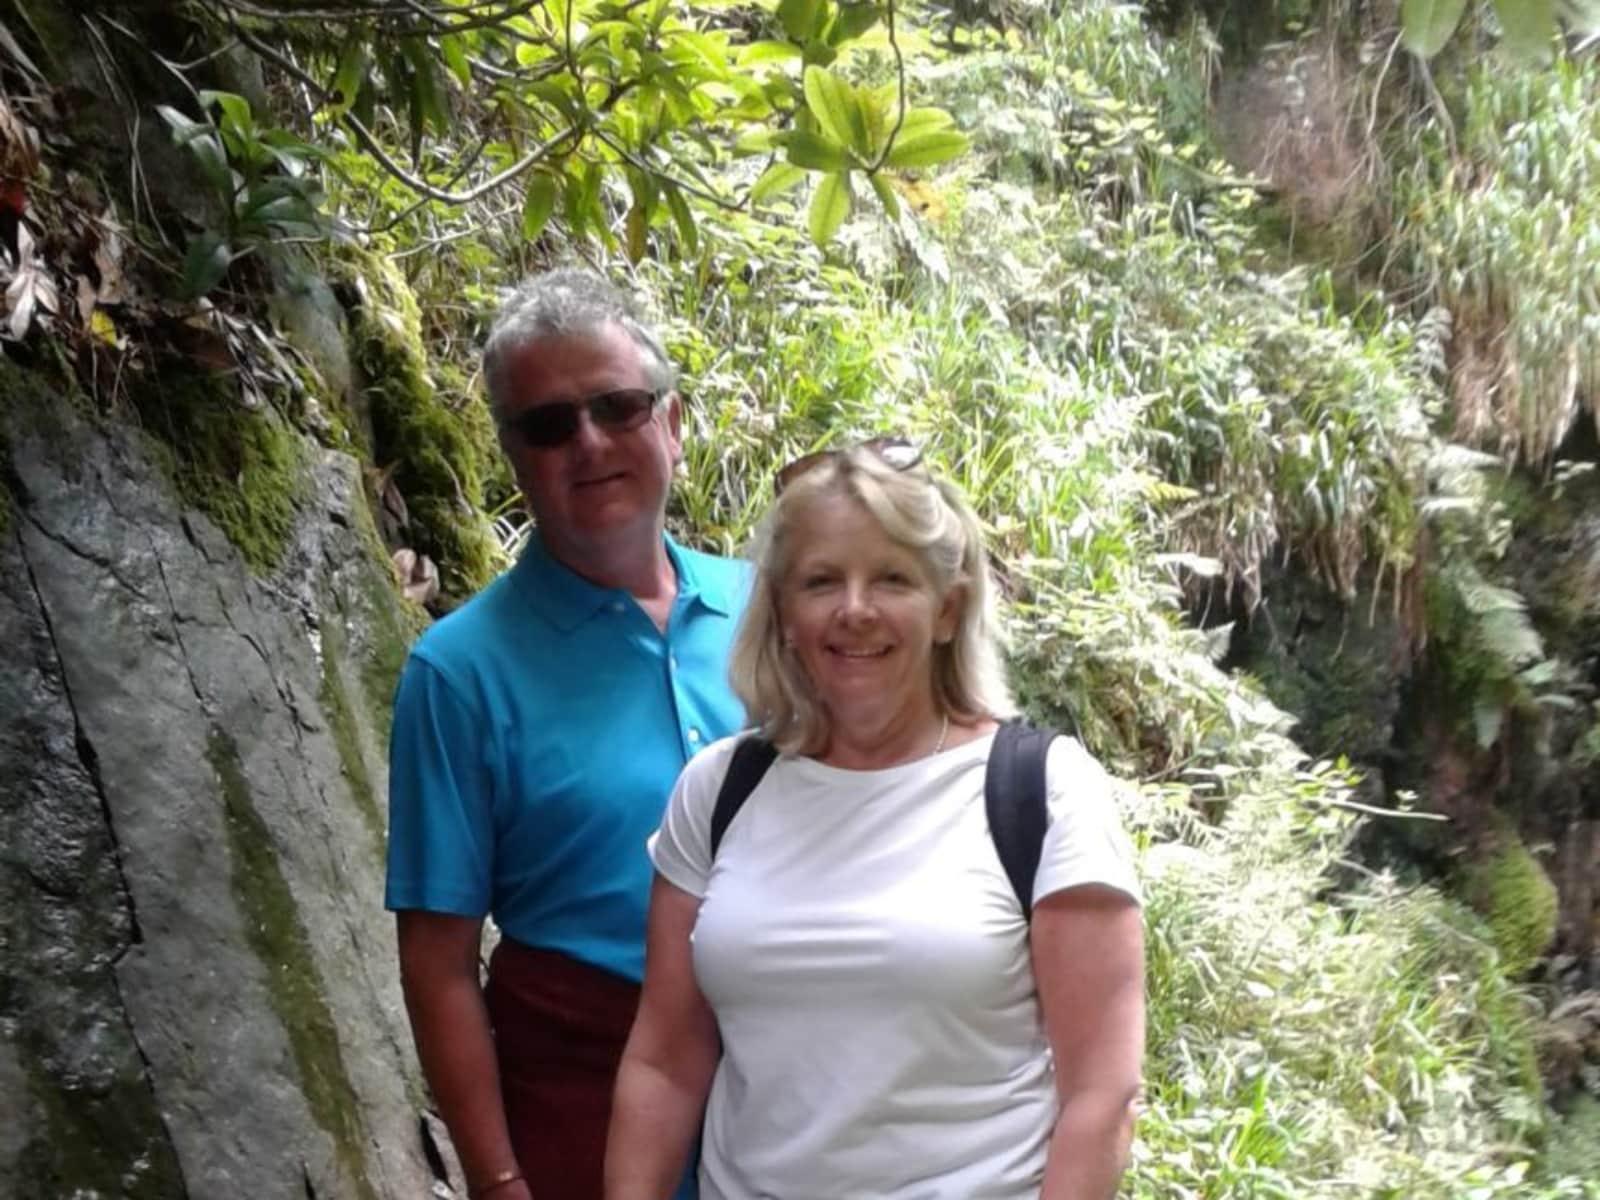 Amanda & John from Bury St Edmunds, United Kingdom